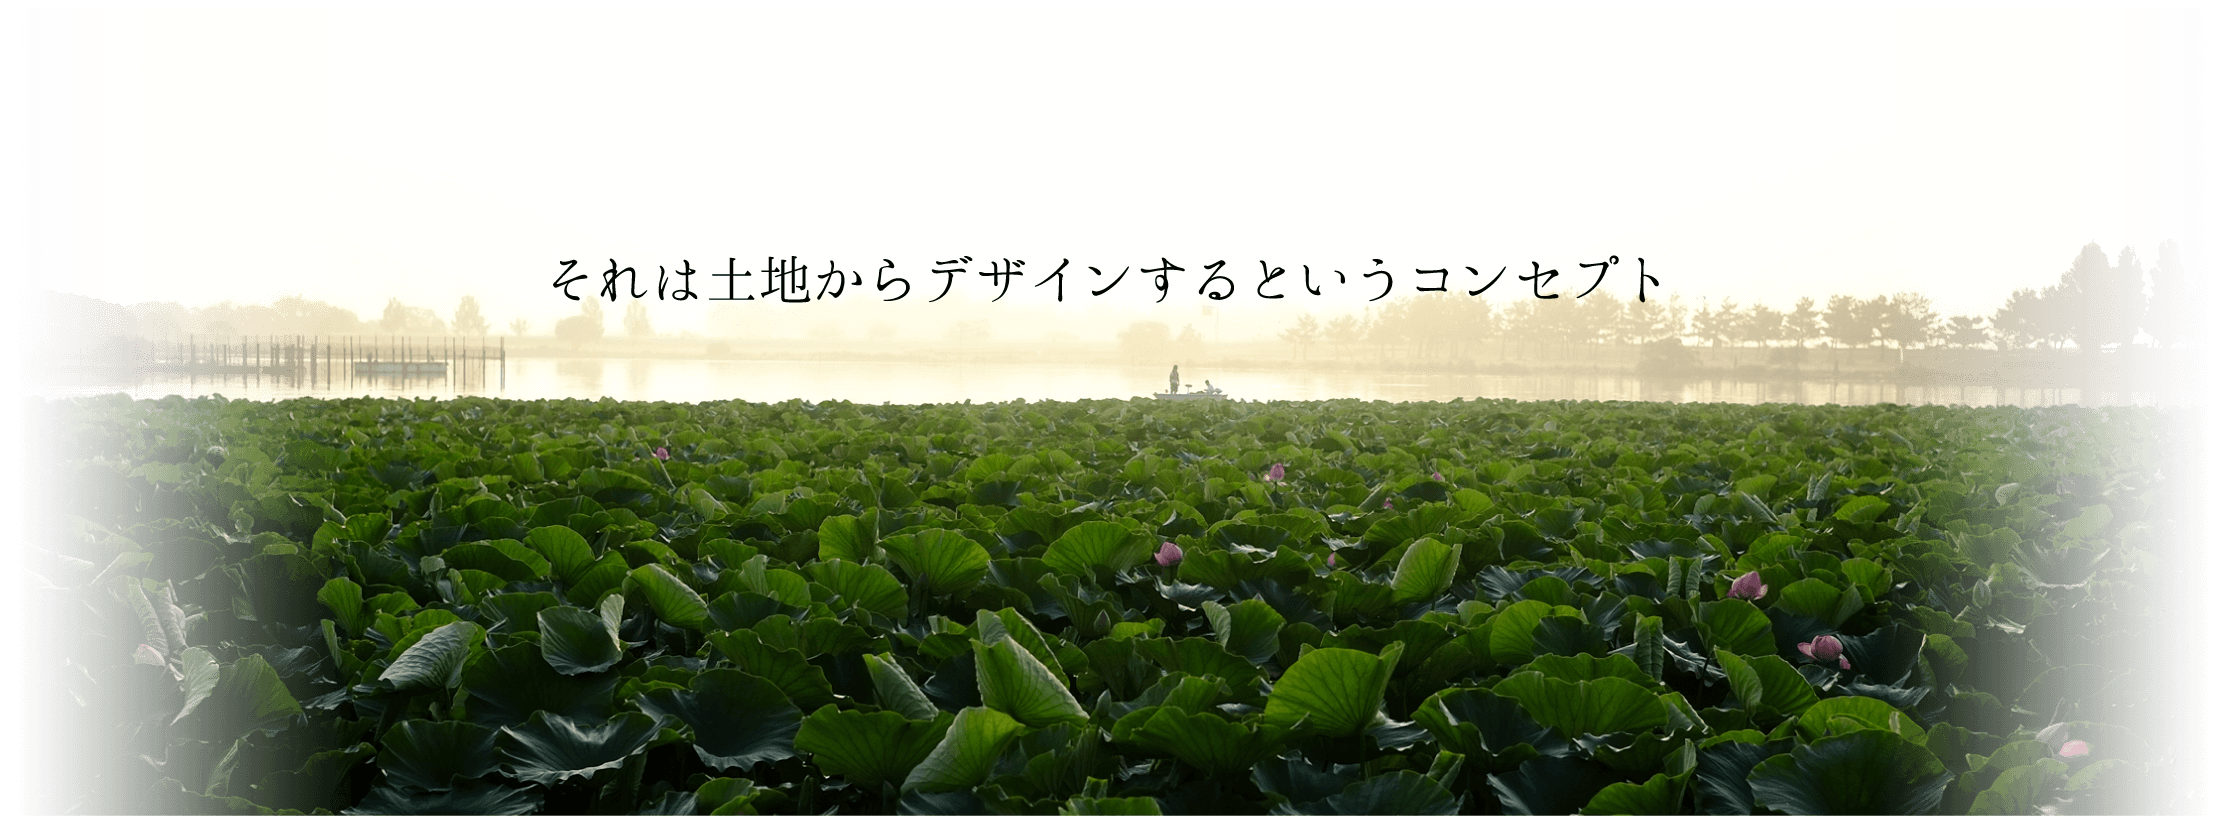 yhcgd_tls_01